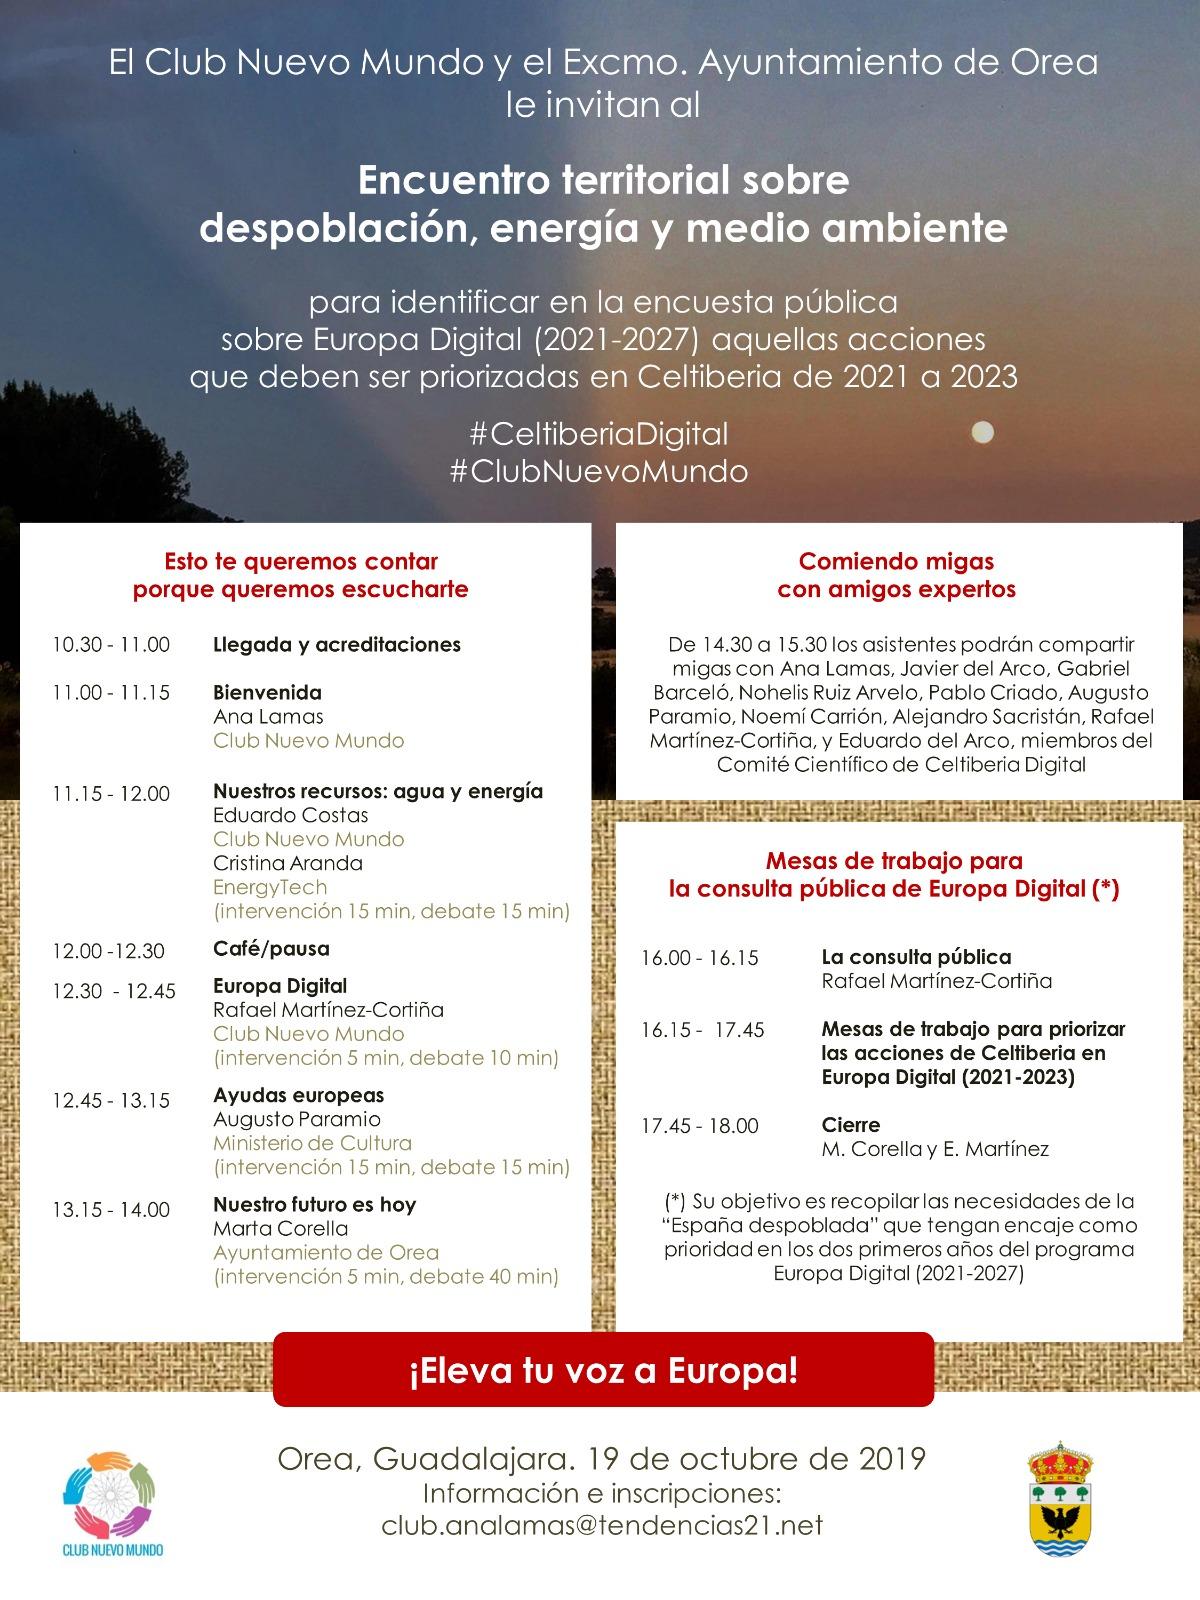 Programa del encuentro de Orea. Click sobre la imagen para inscribirte gratuitamente.